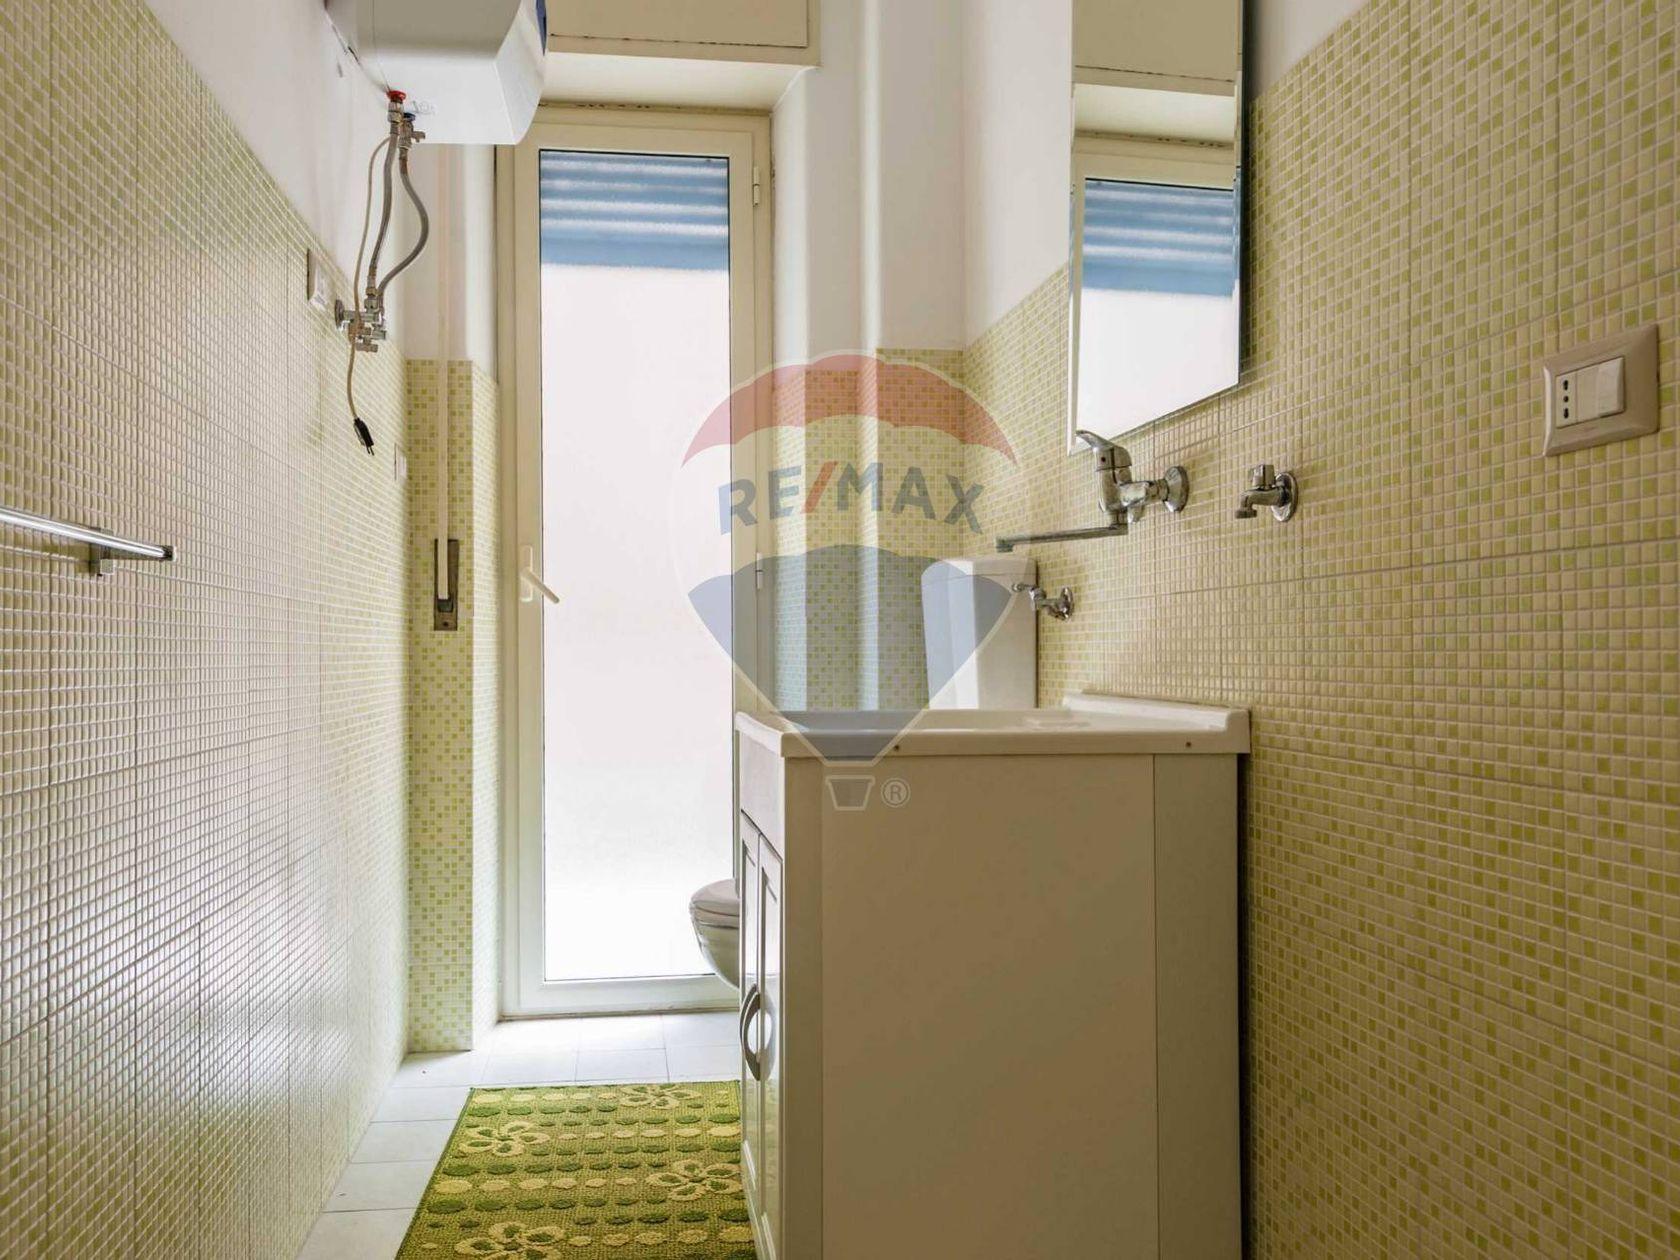 Appartamento Catania-borgo,sanzio,beccaria,lanza,cibali, Catania, CT Vendita - Foto 12